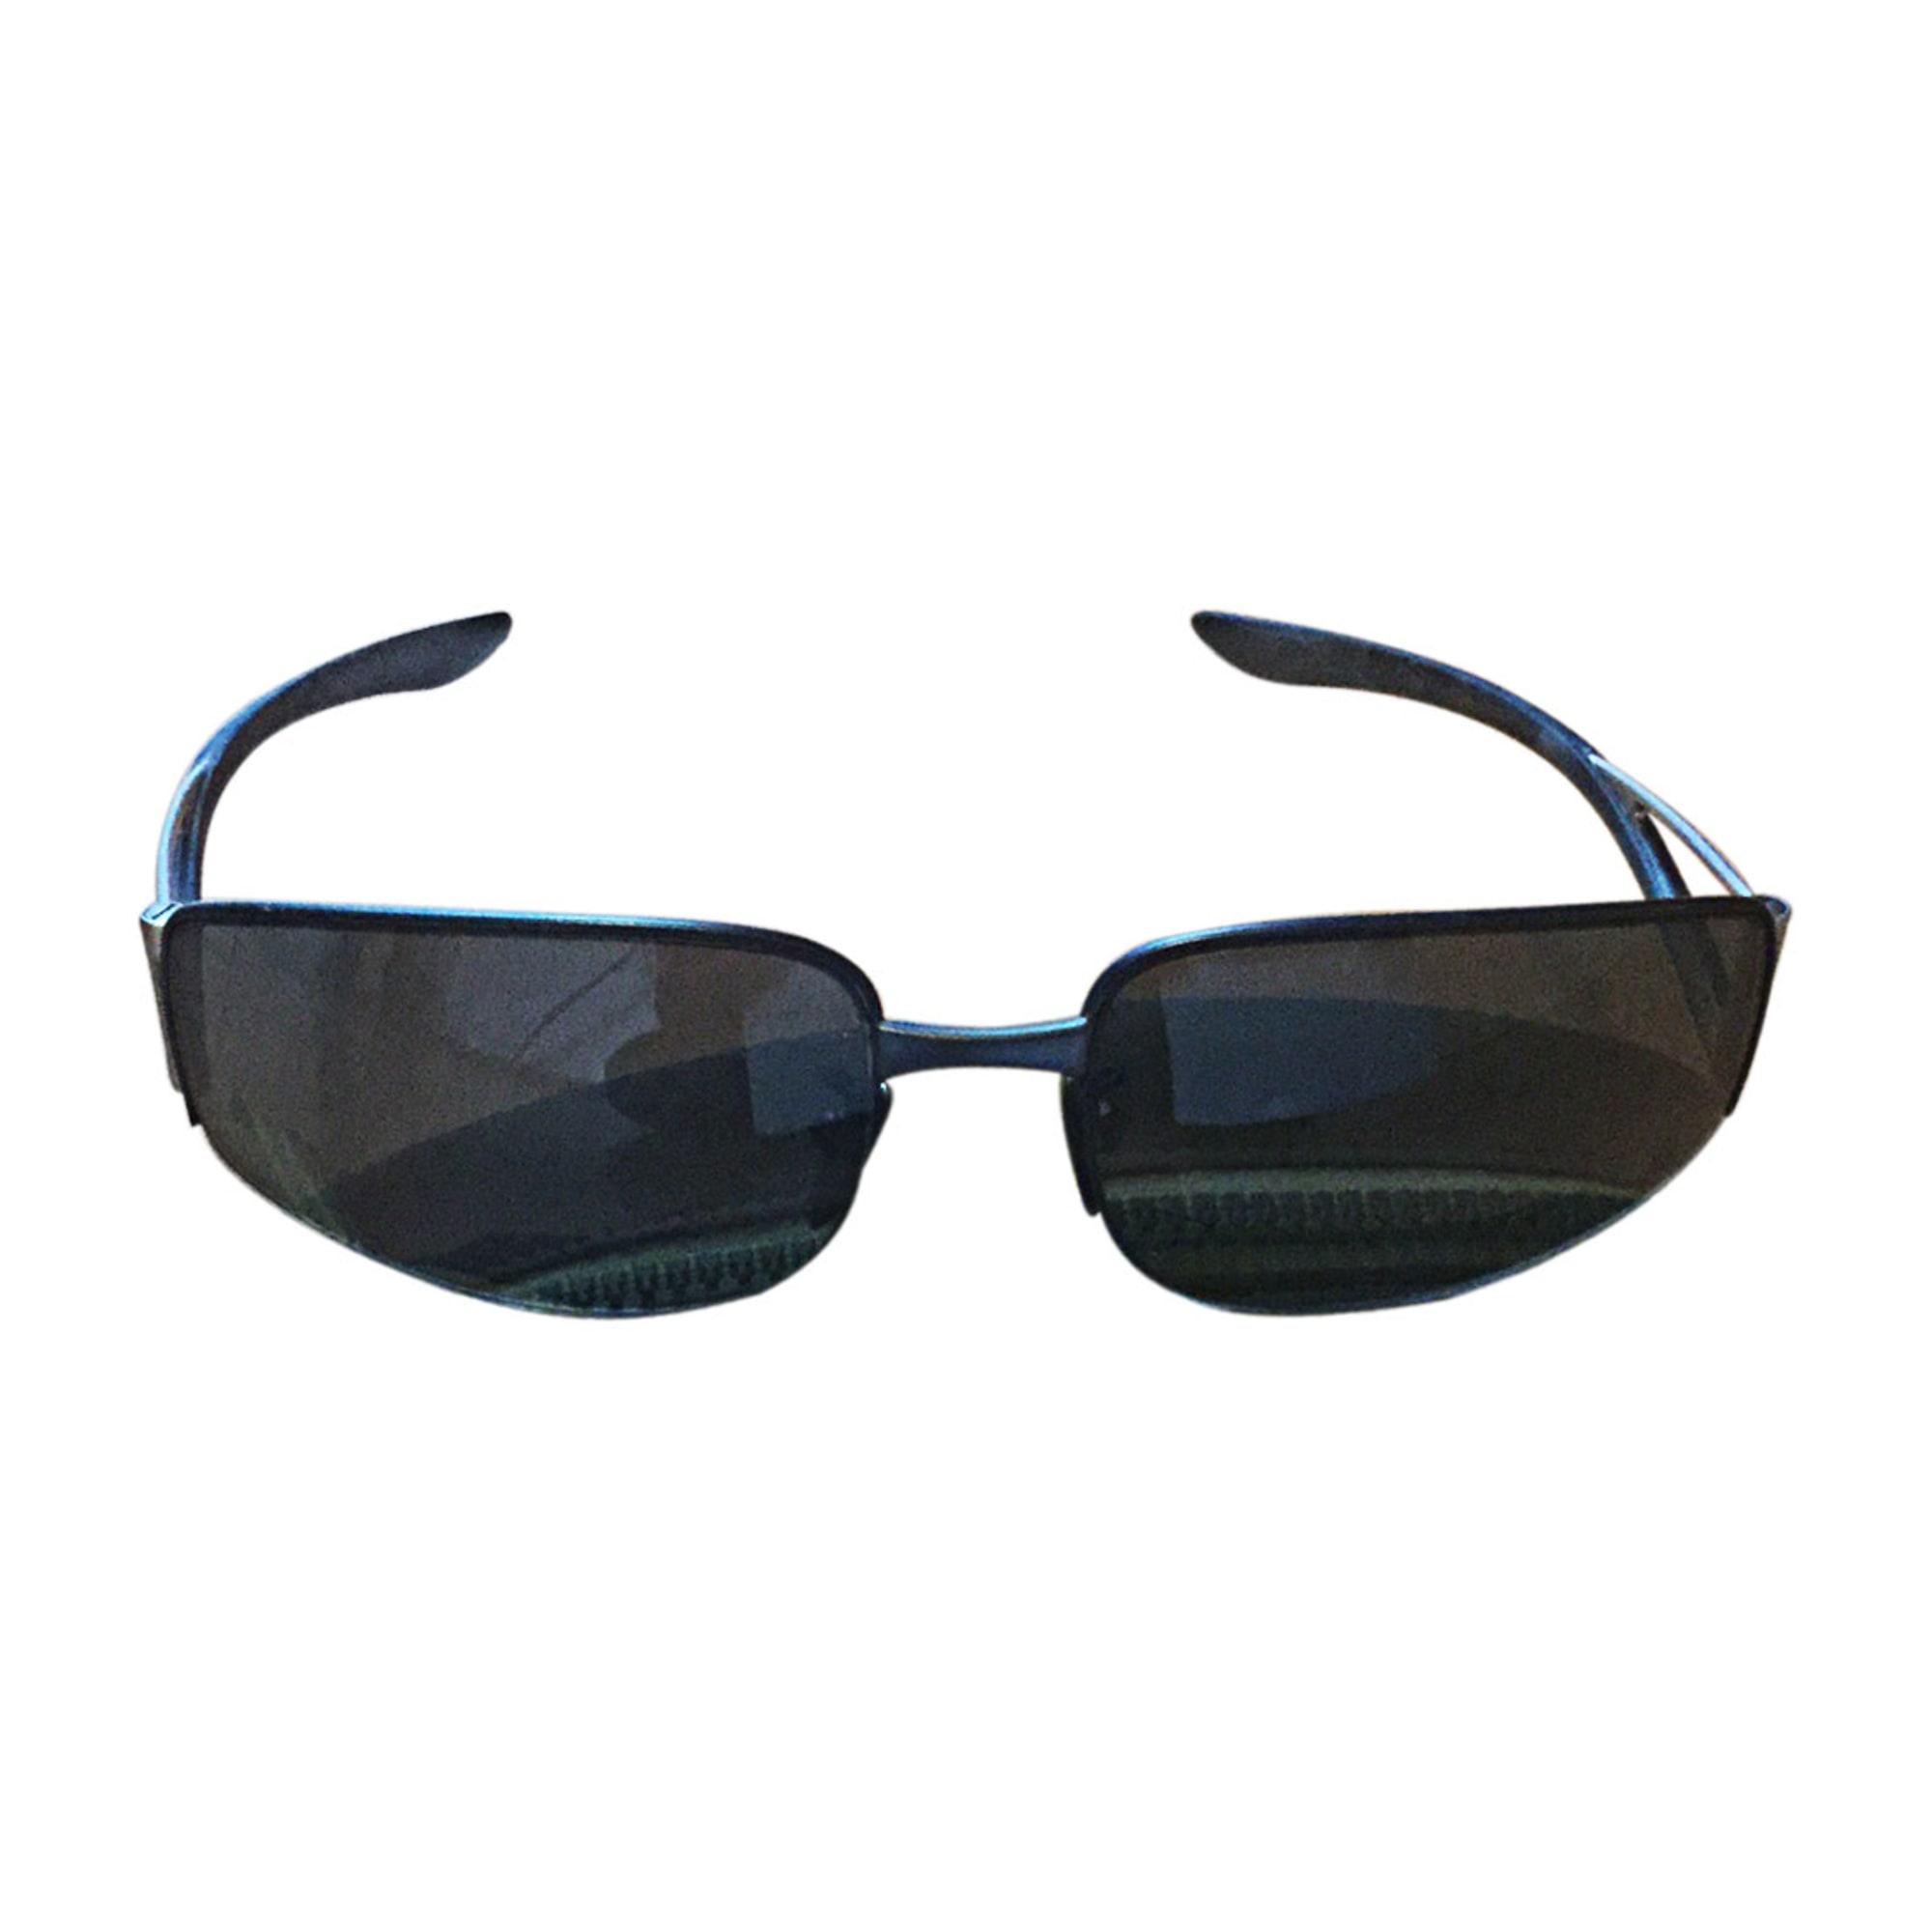 5334c7d2a13b99 Monture de lunettes LOUIS VUITTON noir vendu par D anne laure ...